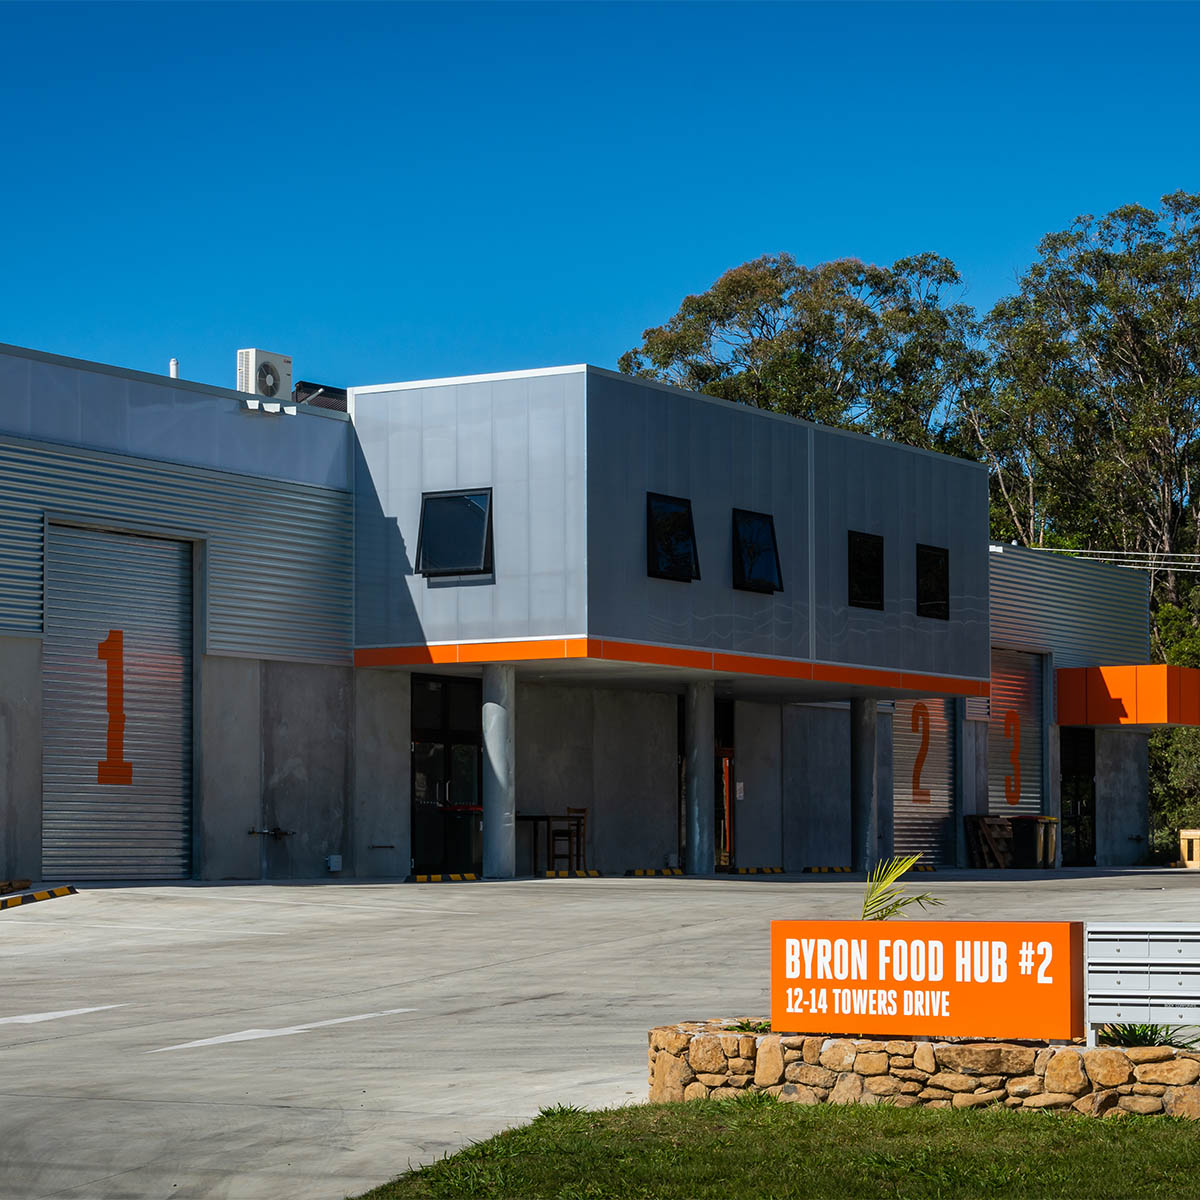 Byron Food Hub #2 Architects